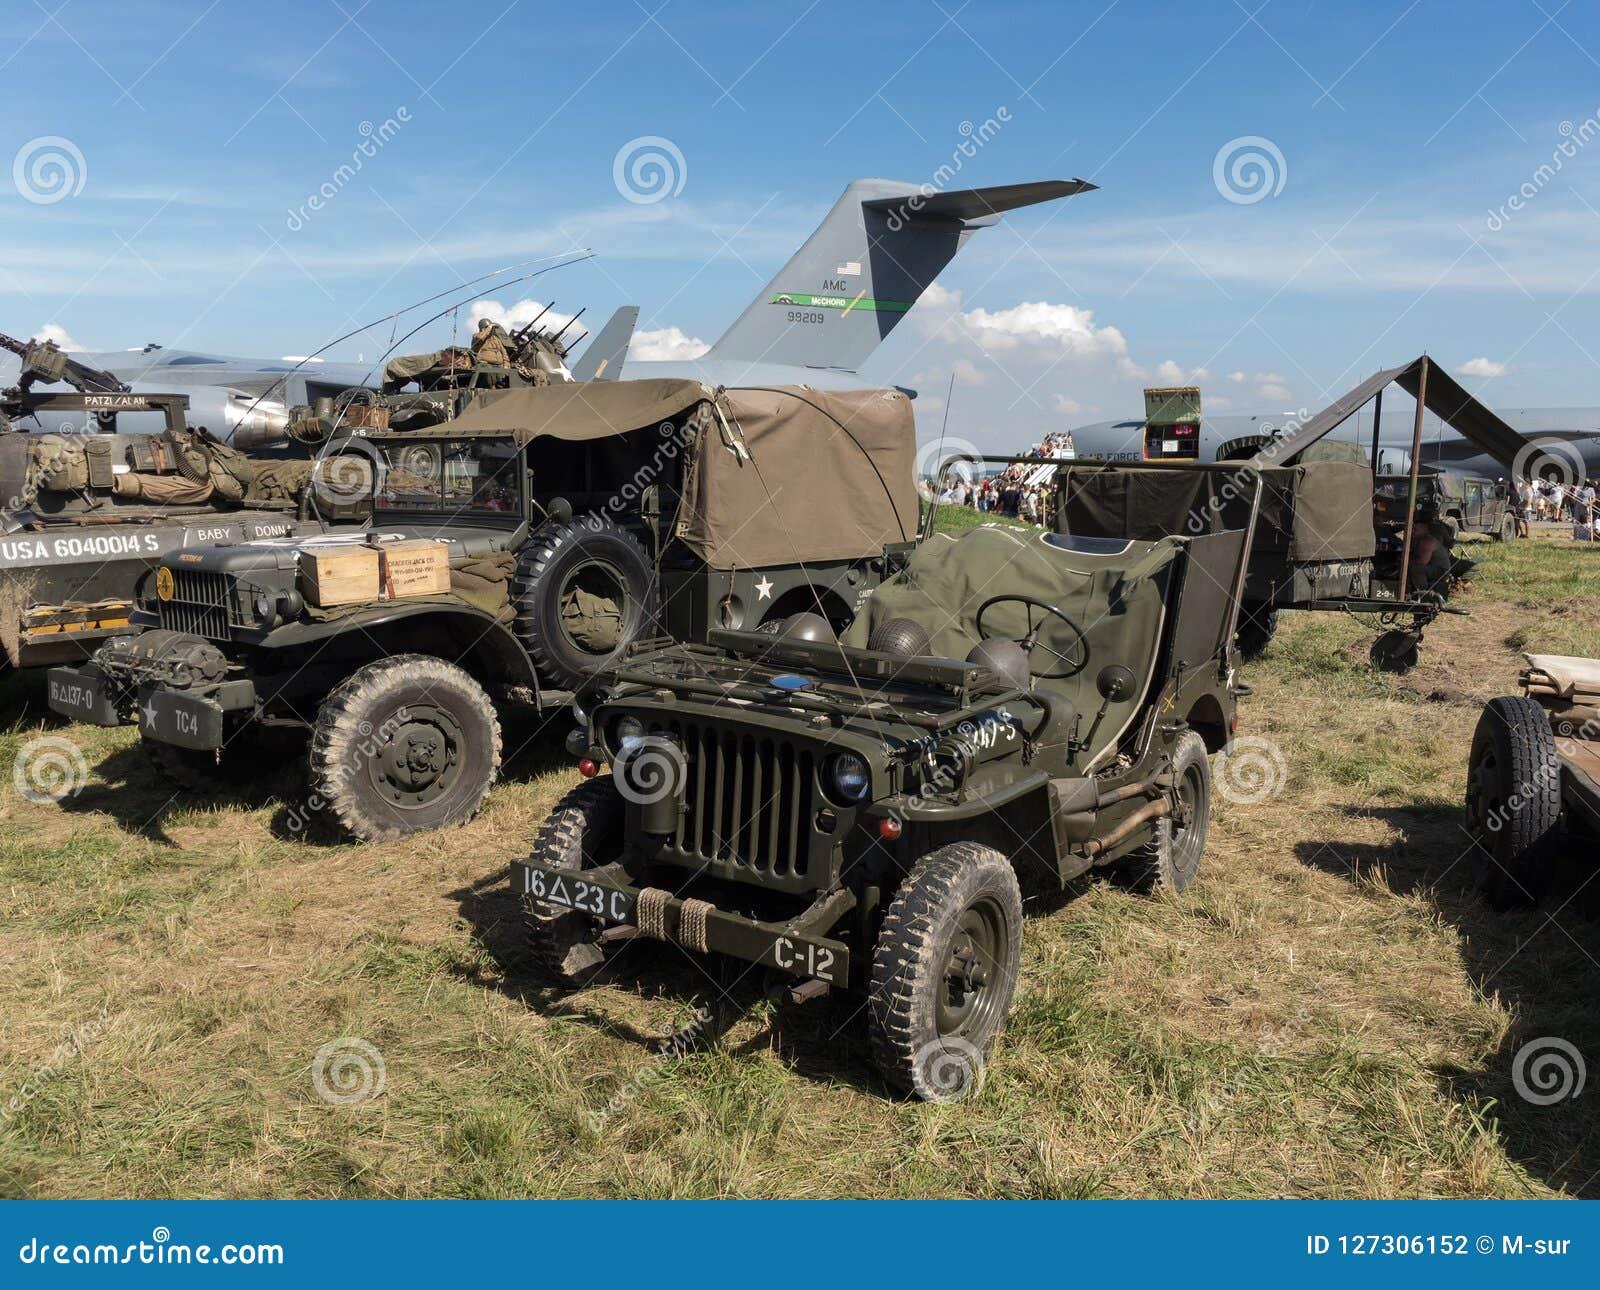 Jeep Willys MB och andra historiska militärfordon